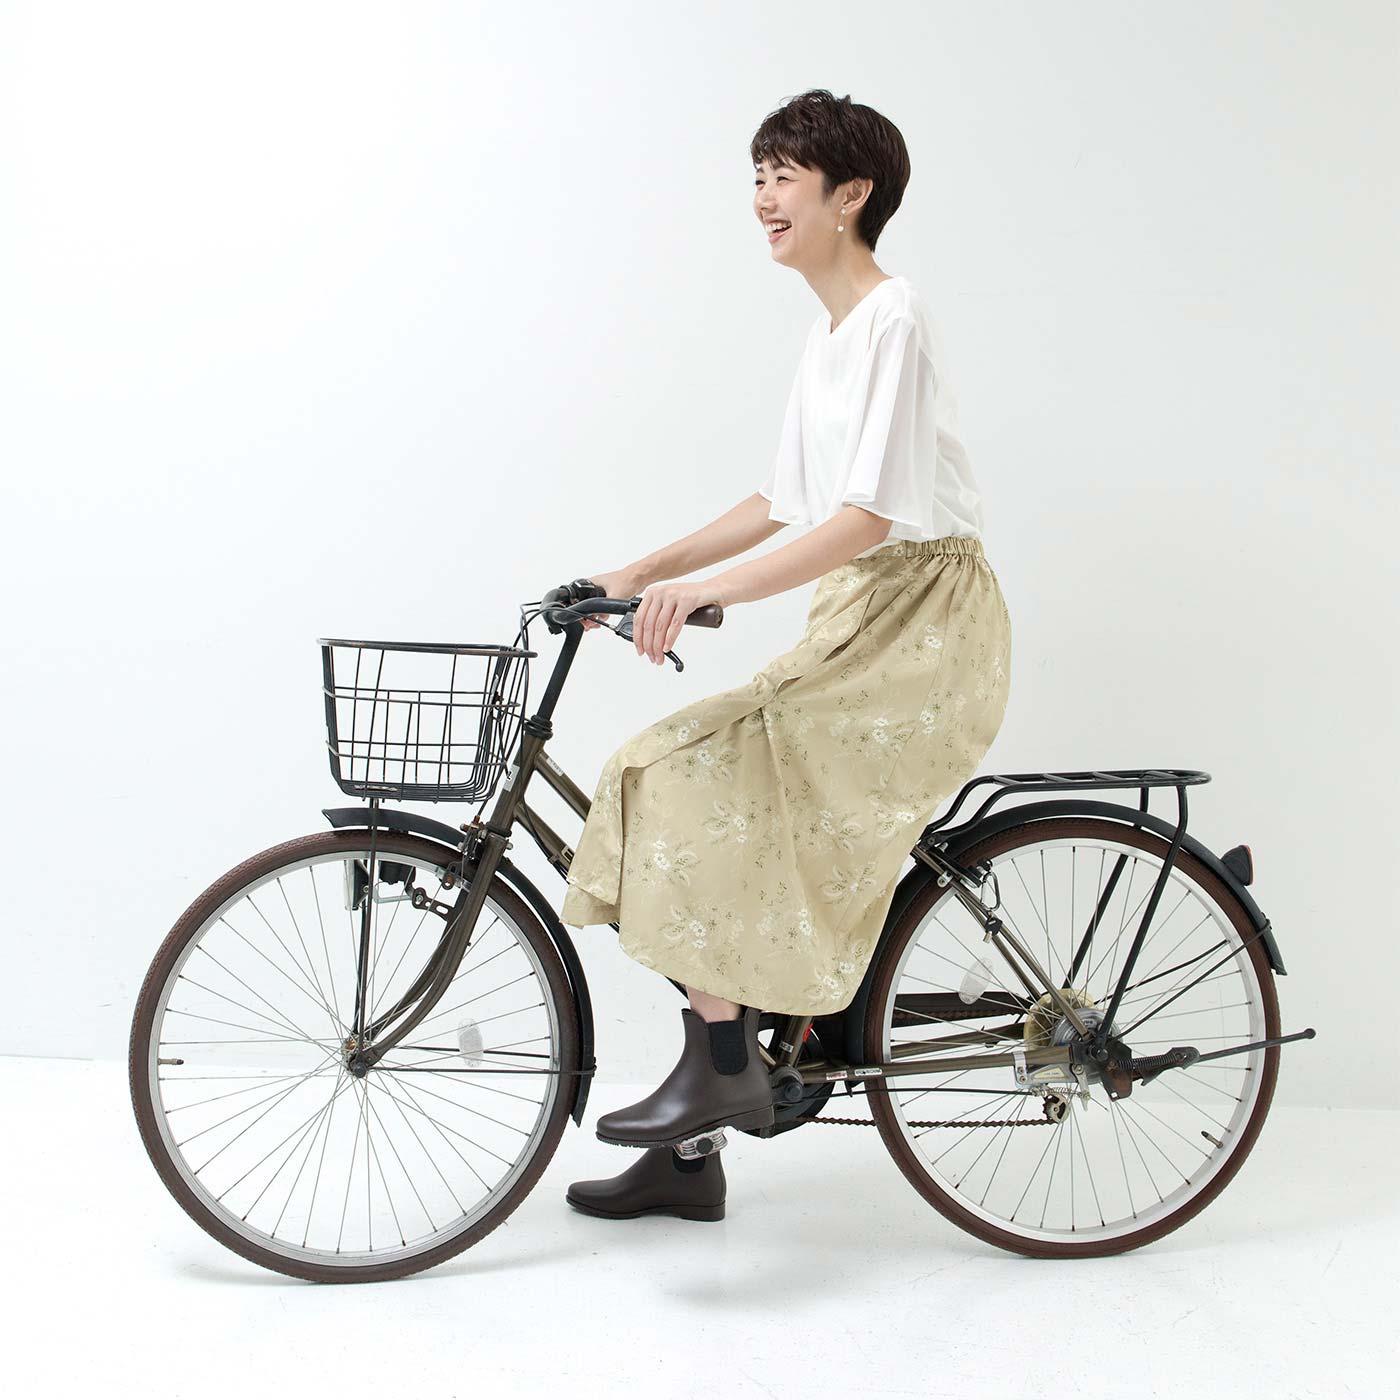 ボトムスぬれが気になる自転車にもおすすめ。